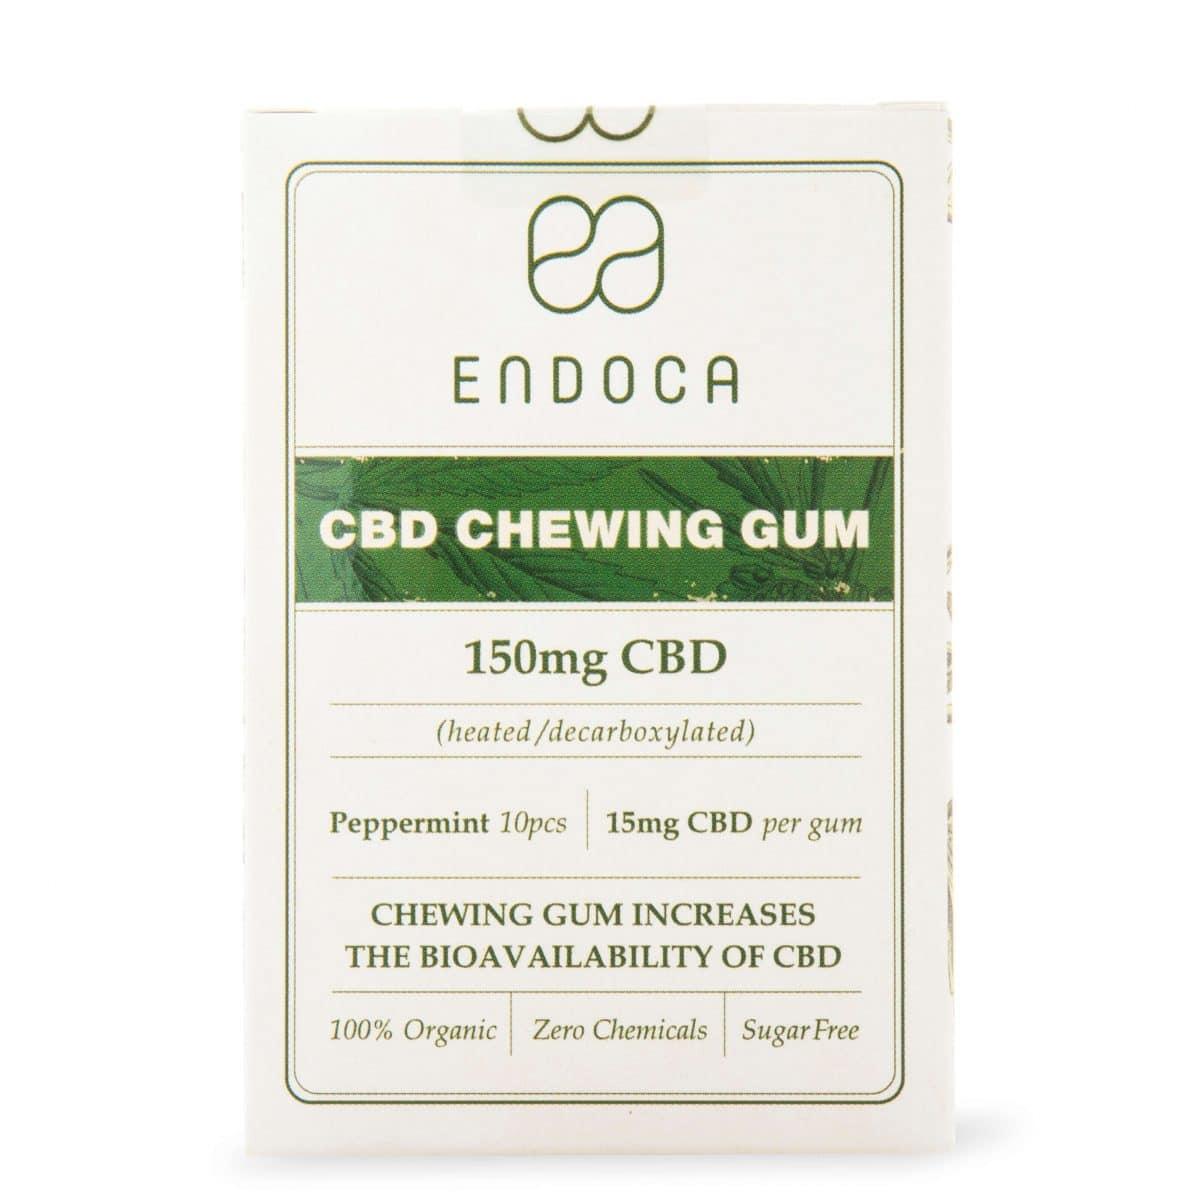 endoca-cbd-discount-code